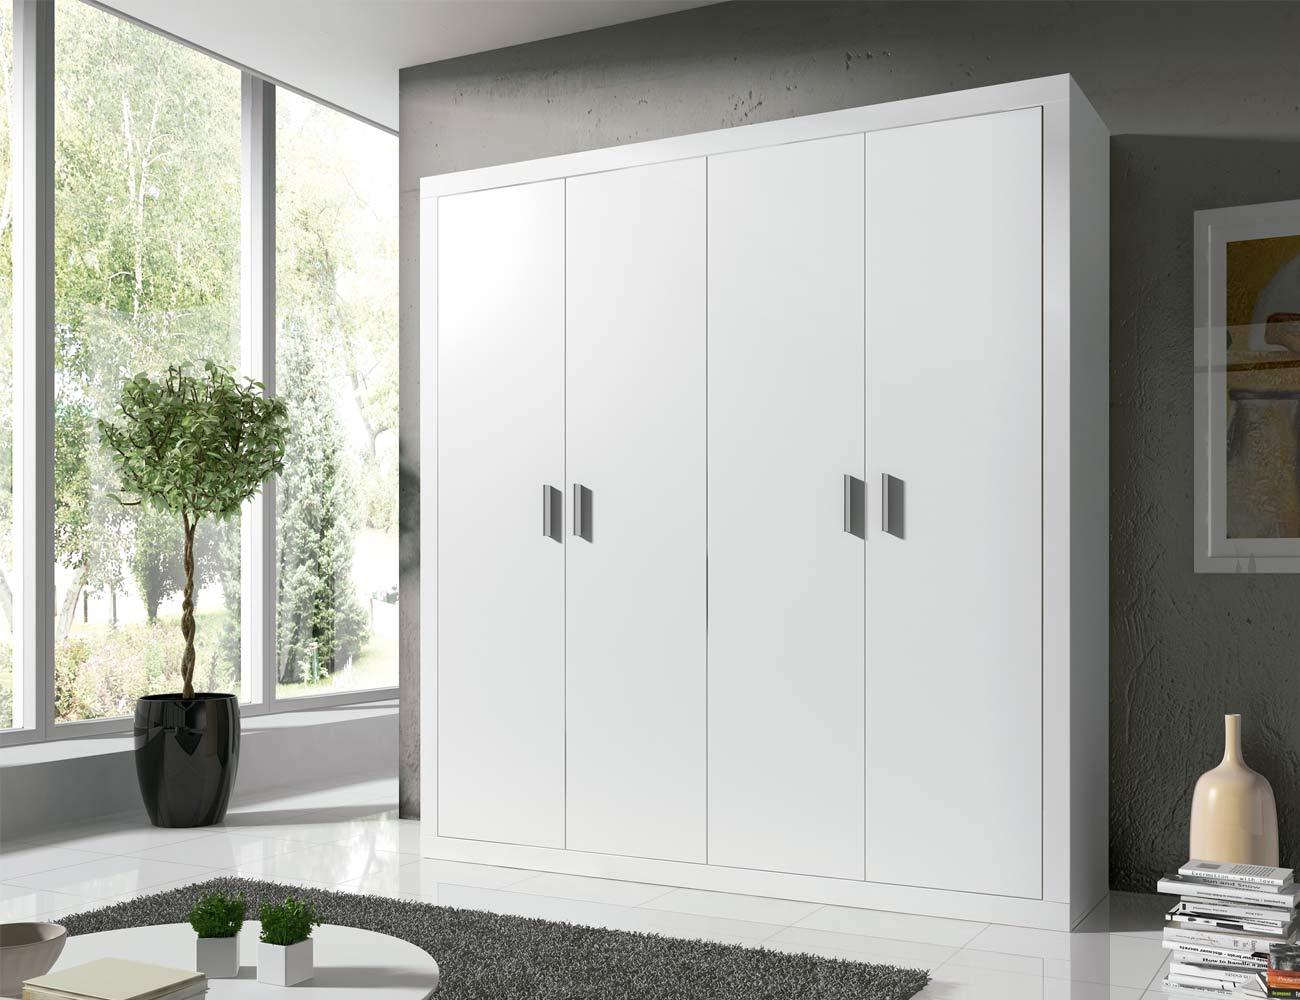 Armario puertas abatibles blanco2